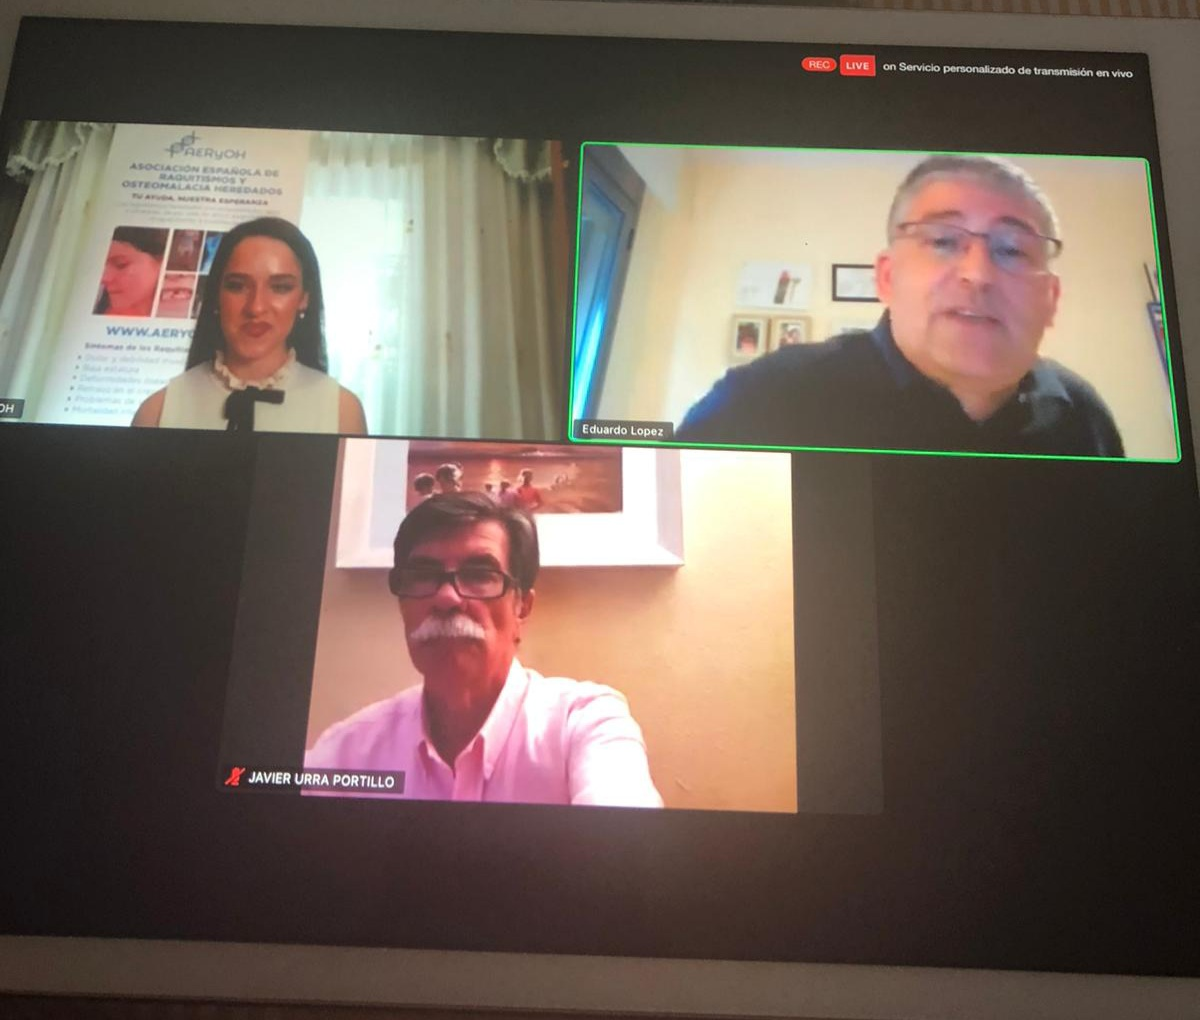 DR. JAVIER URRA EN SU PONENCIA JUNTO A D. EDUARDO LÓPEZSANTAMARÍA (PRESIDENTE DE AELALD) Y DÑA. AINHOA NOTARIO FERNÁNDEZ (COORDINADORA DE AERyOH)